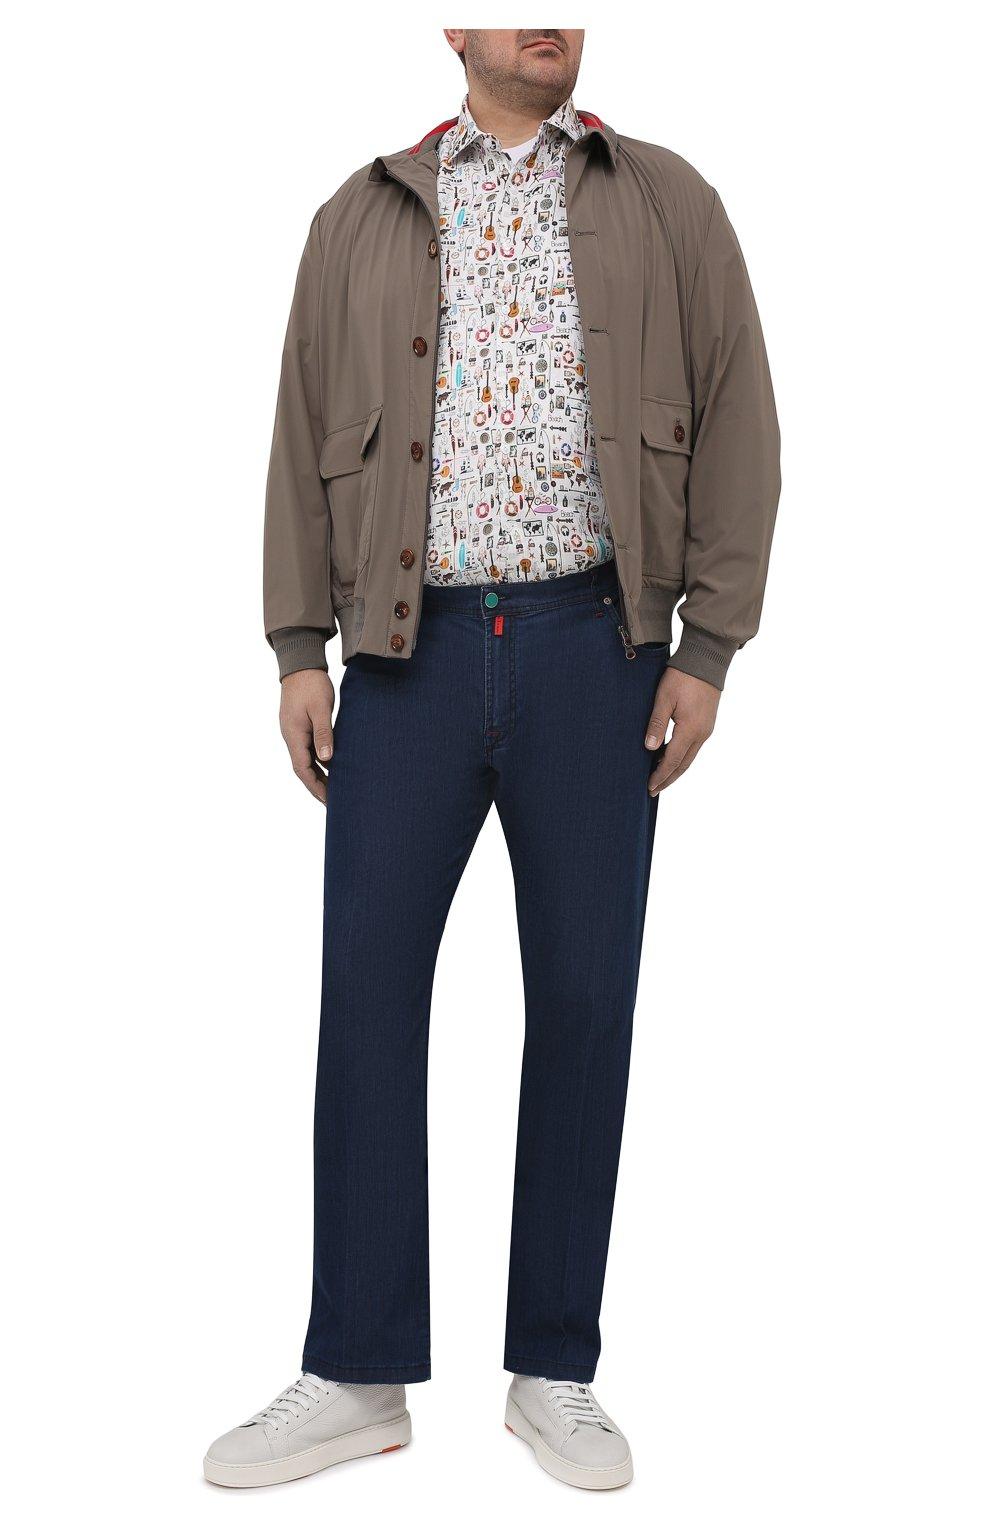 Мужской бомбер KIRED хаки цвета, арт. WSERGI0W6905011001/64-74 | Фото 2 (Кросс-КТ: Куртка; Big sizes: Big Sizes; Рукава: Длинные; Принт: Без принта; Материал внешний: Синтетический материал; Длина (верхняя одежда): Короткие; Стили: Кэжуэл)